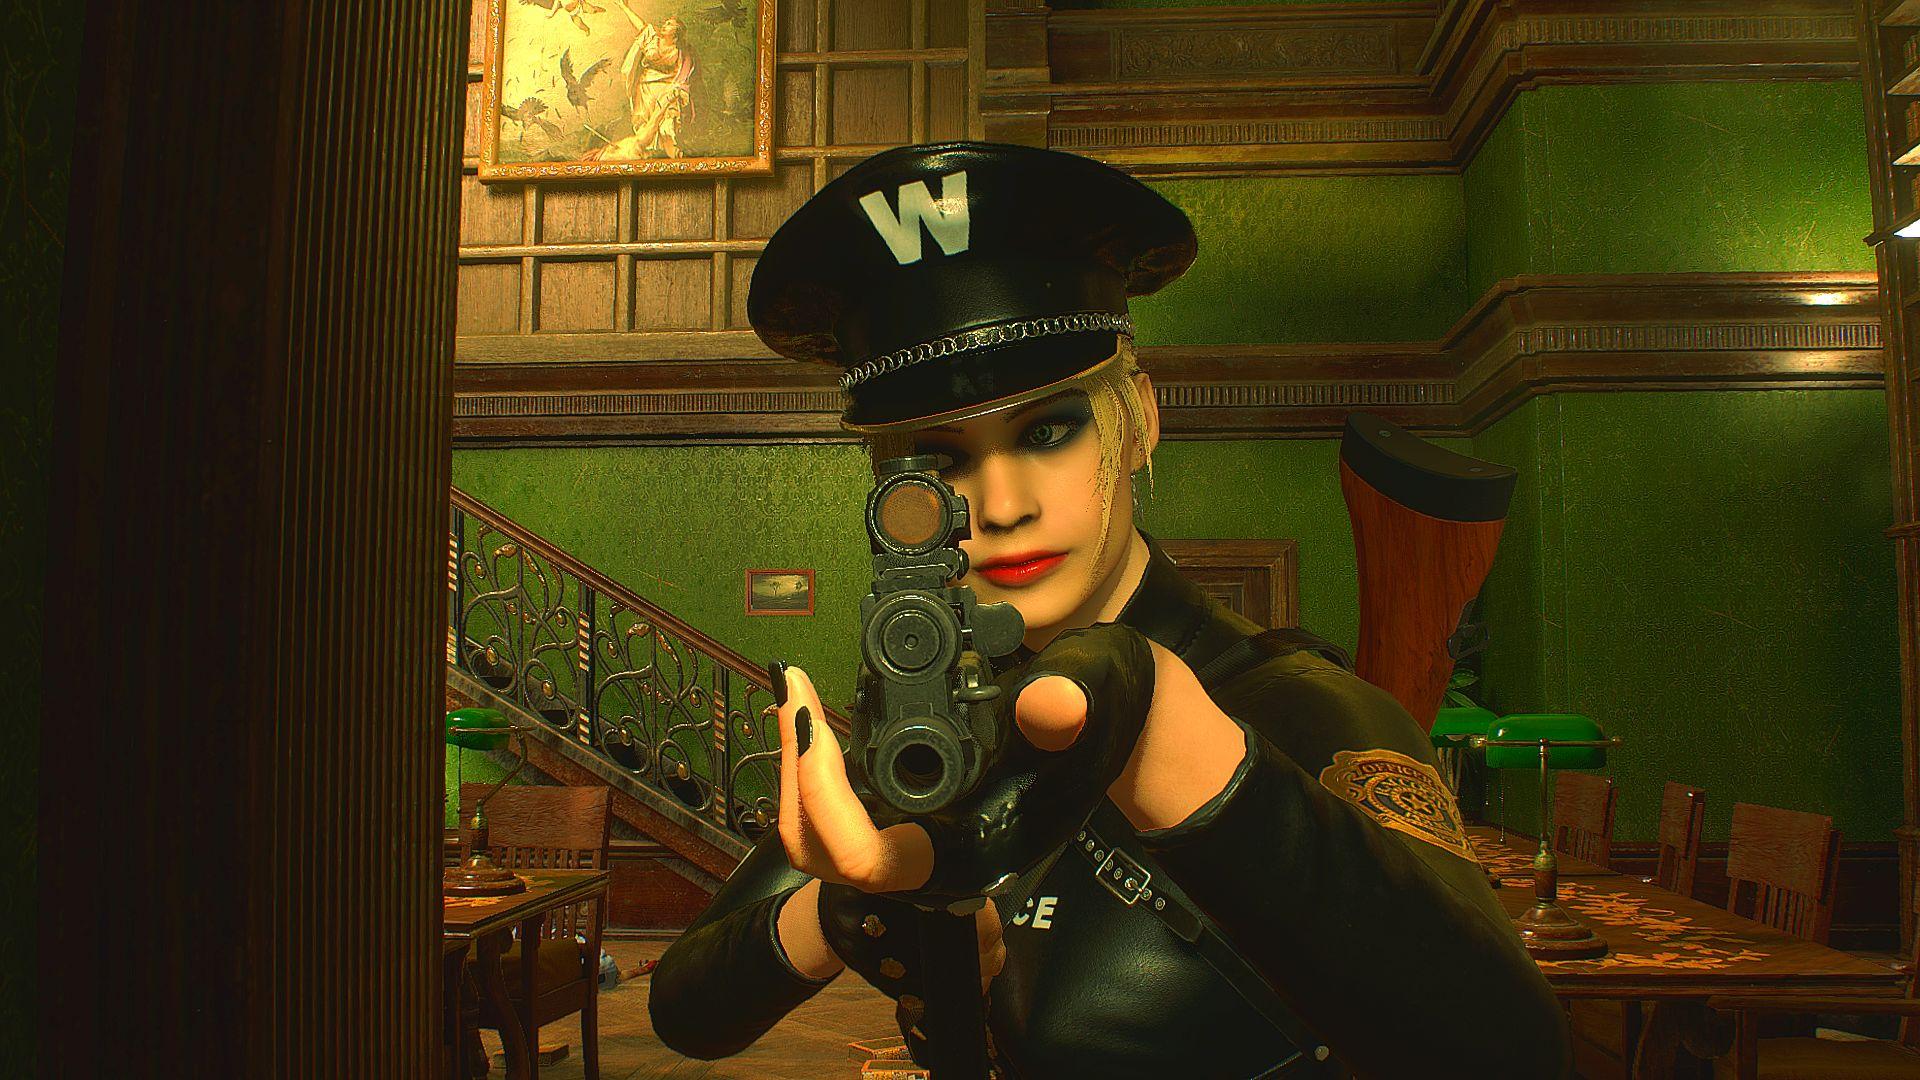 000101.Jpg - Resident Evil 2